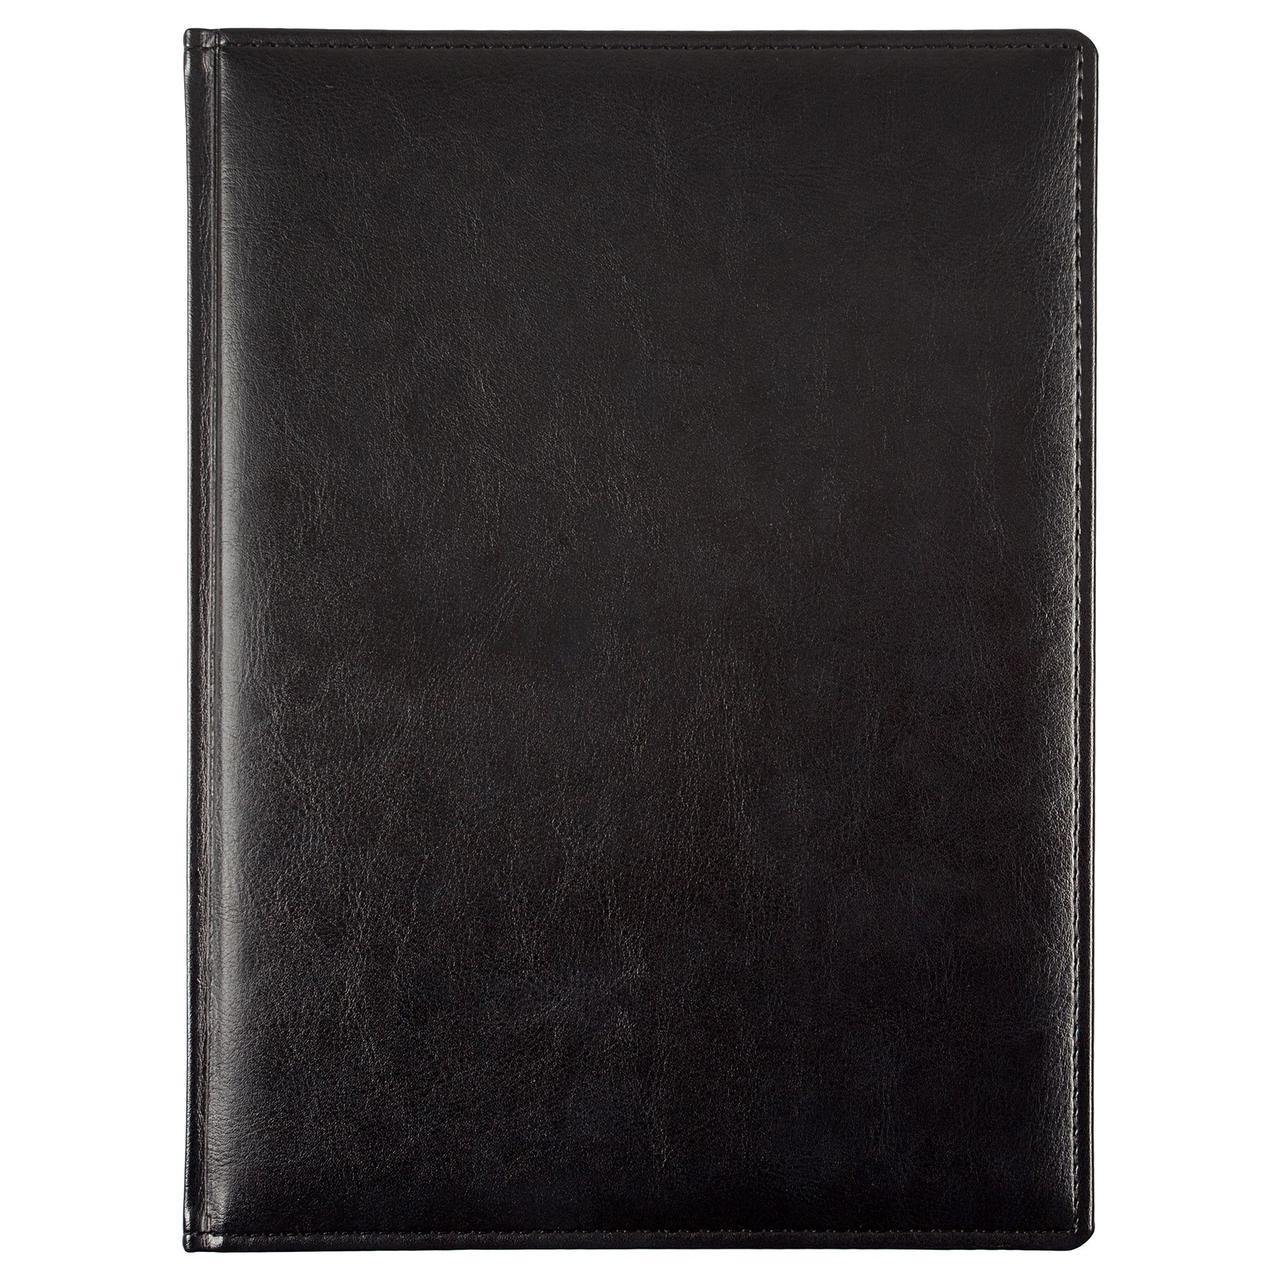 Еженедельник Nebraska, датированный, черный (артикул 4845.30)